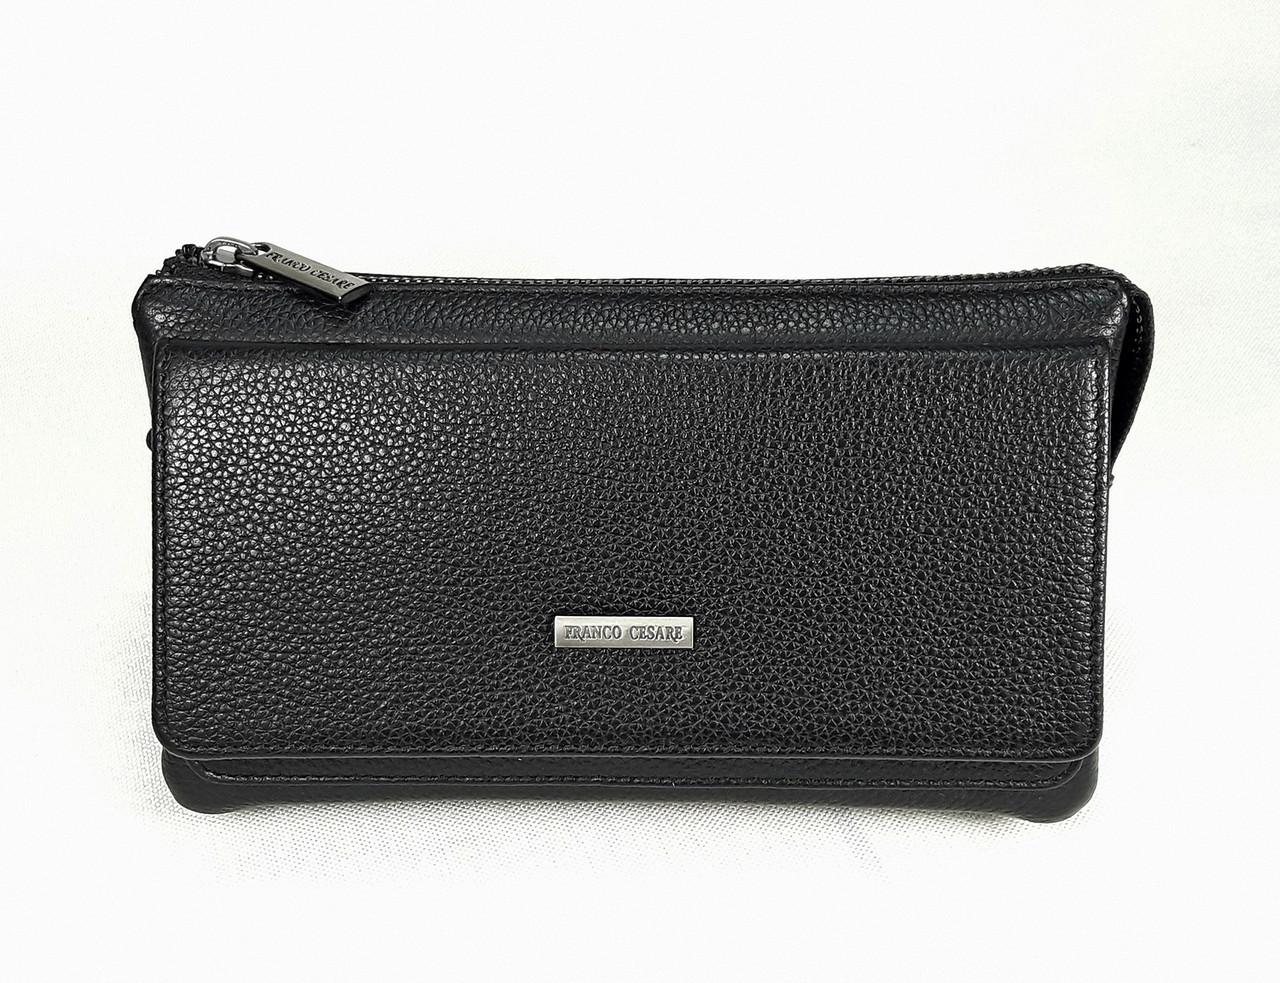 Клатч из натуральной кожи FC-2201-V1 бренда FRANCO CESARE